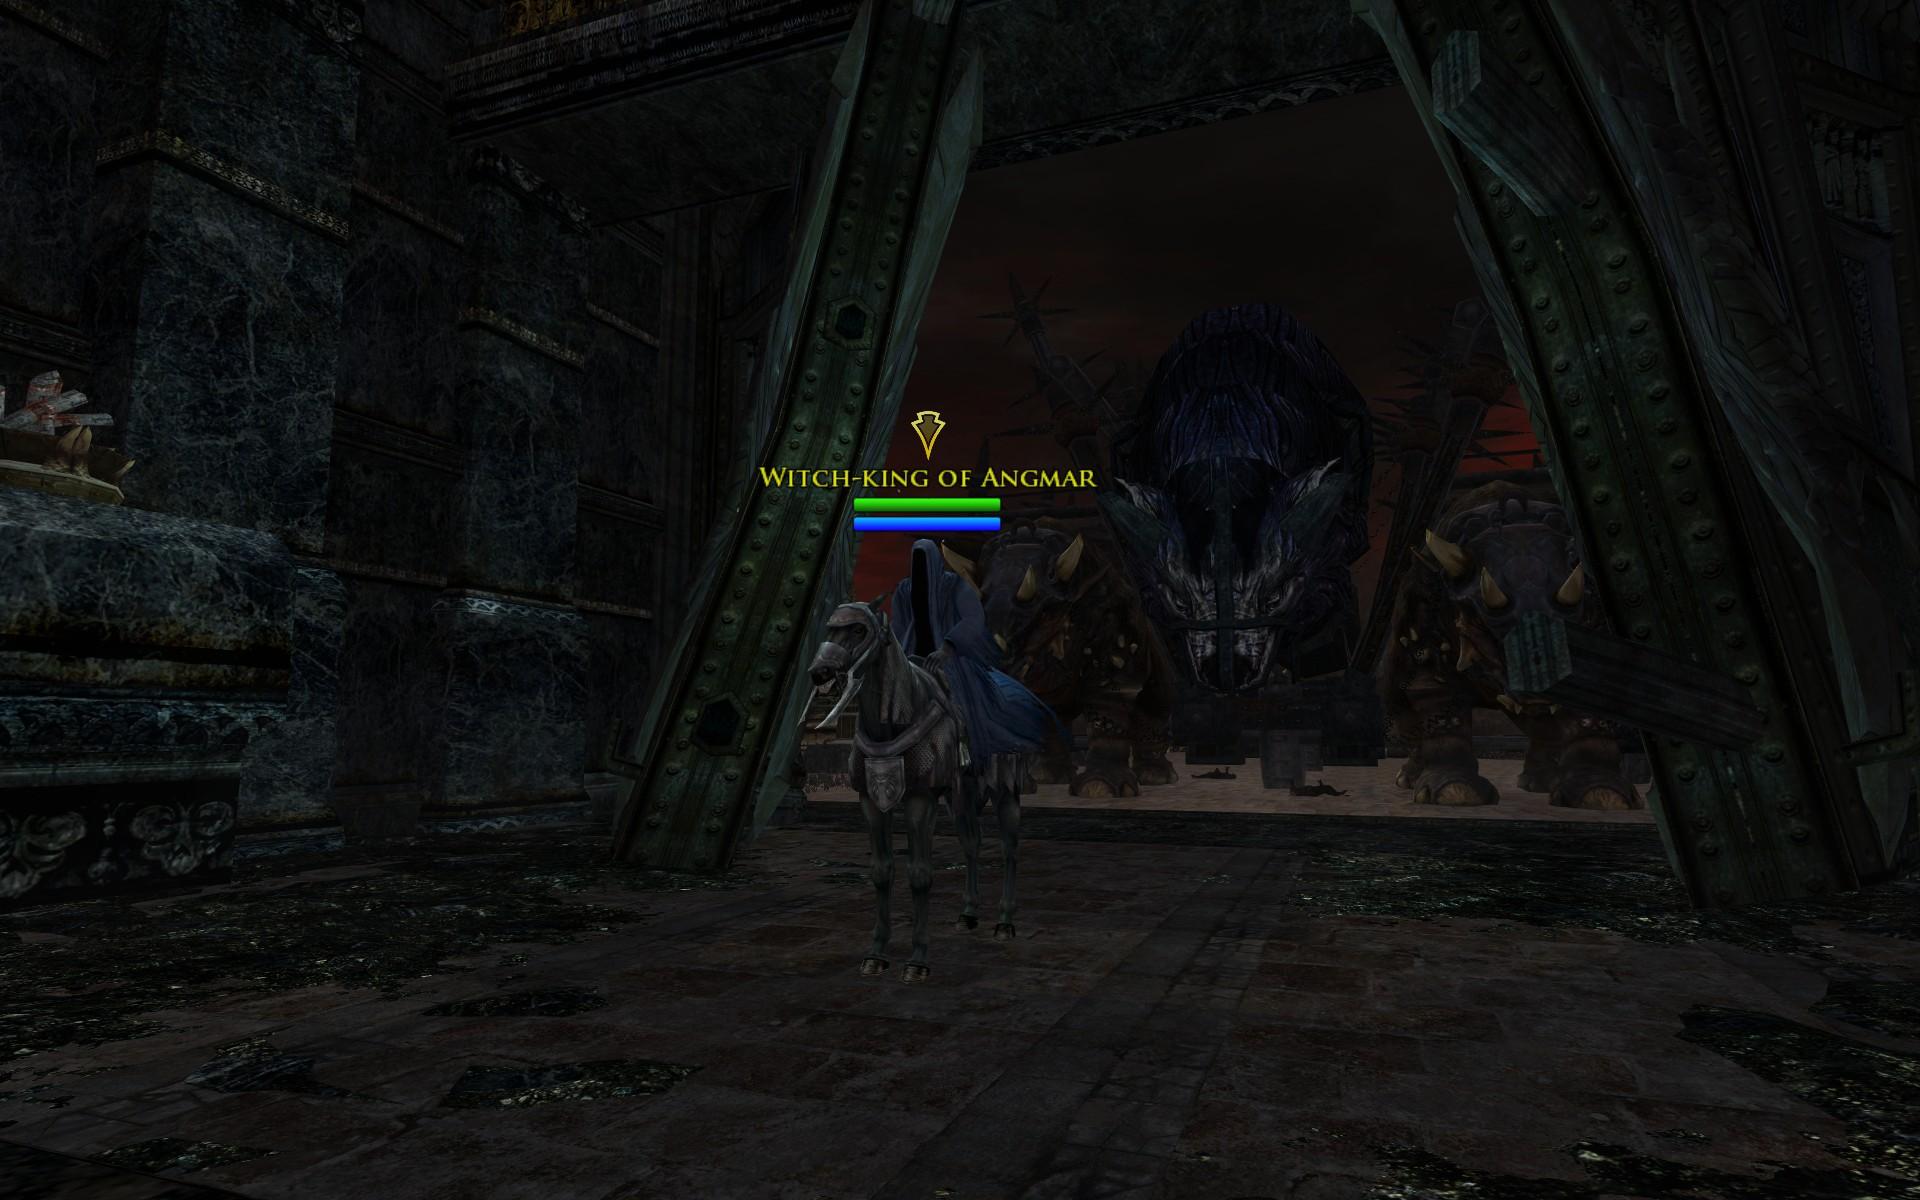 『ロード・オブ・ザ・リングス オンライン』における、ミナス・ティリスに入場した魔王